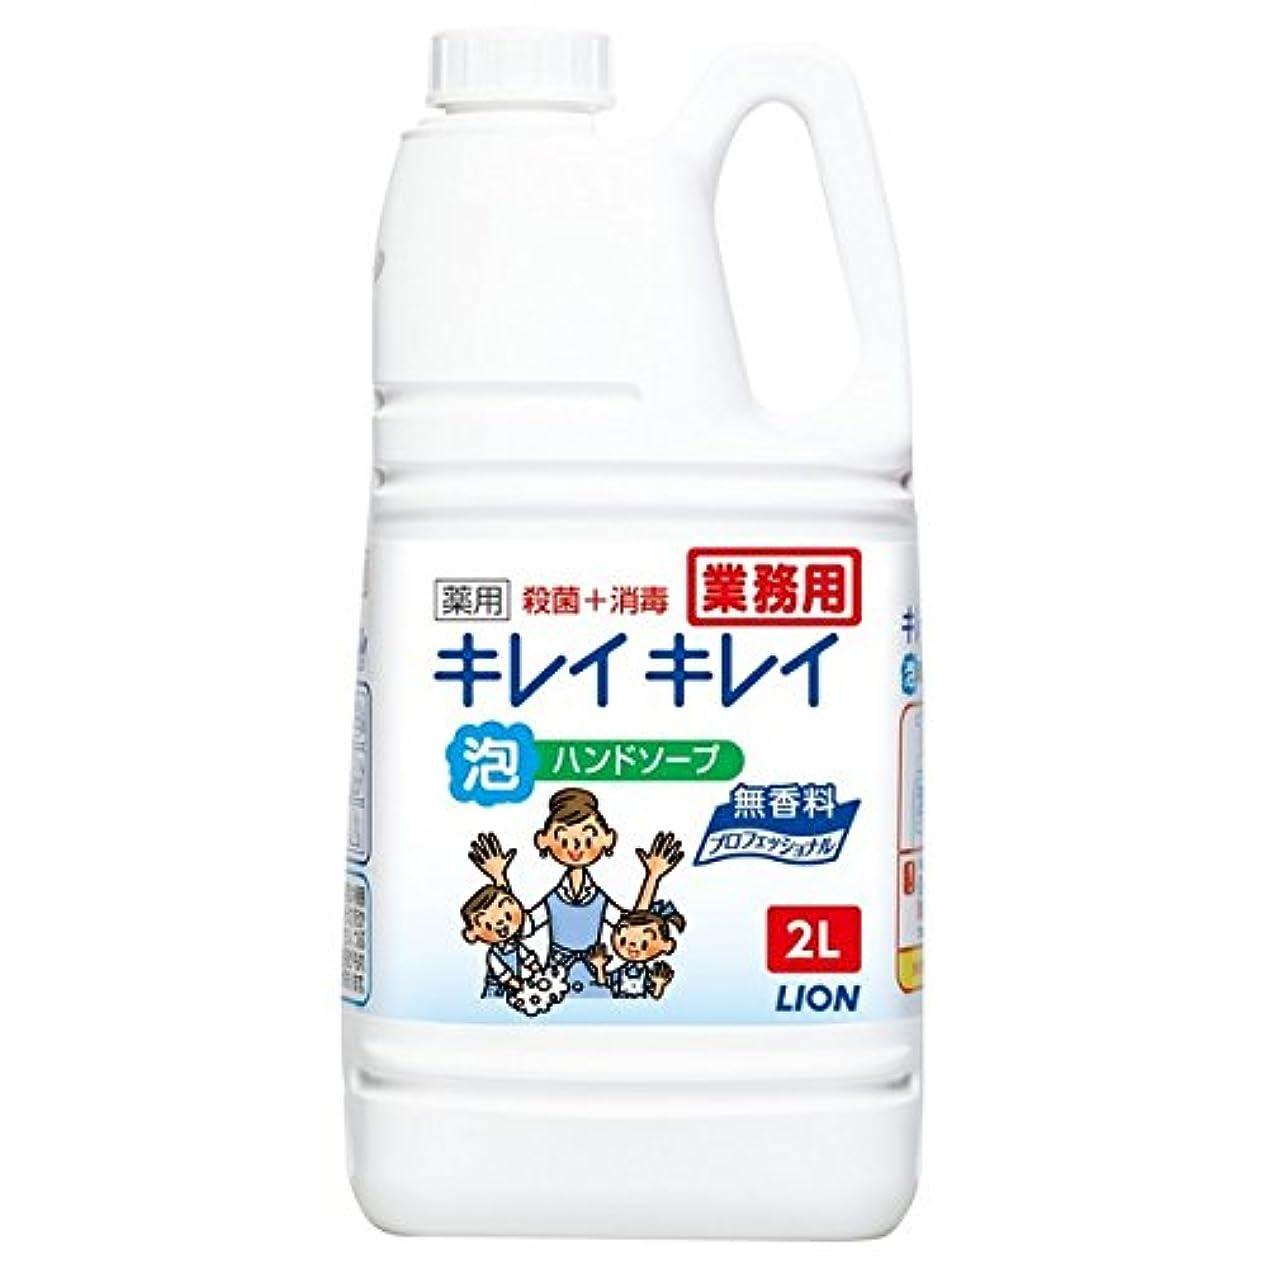 無傷ステンレスプレミアライオン キレイキレイ薬用泡ハンドソープ 無香料 2L×6本入